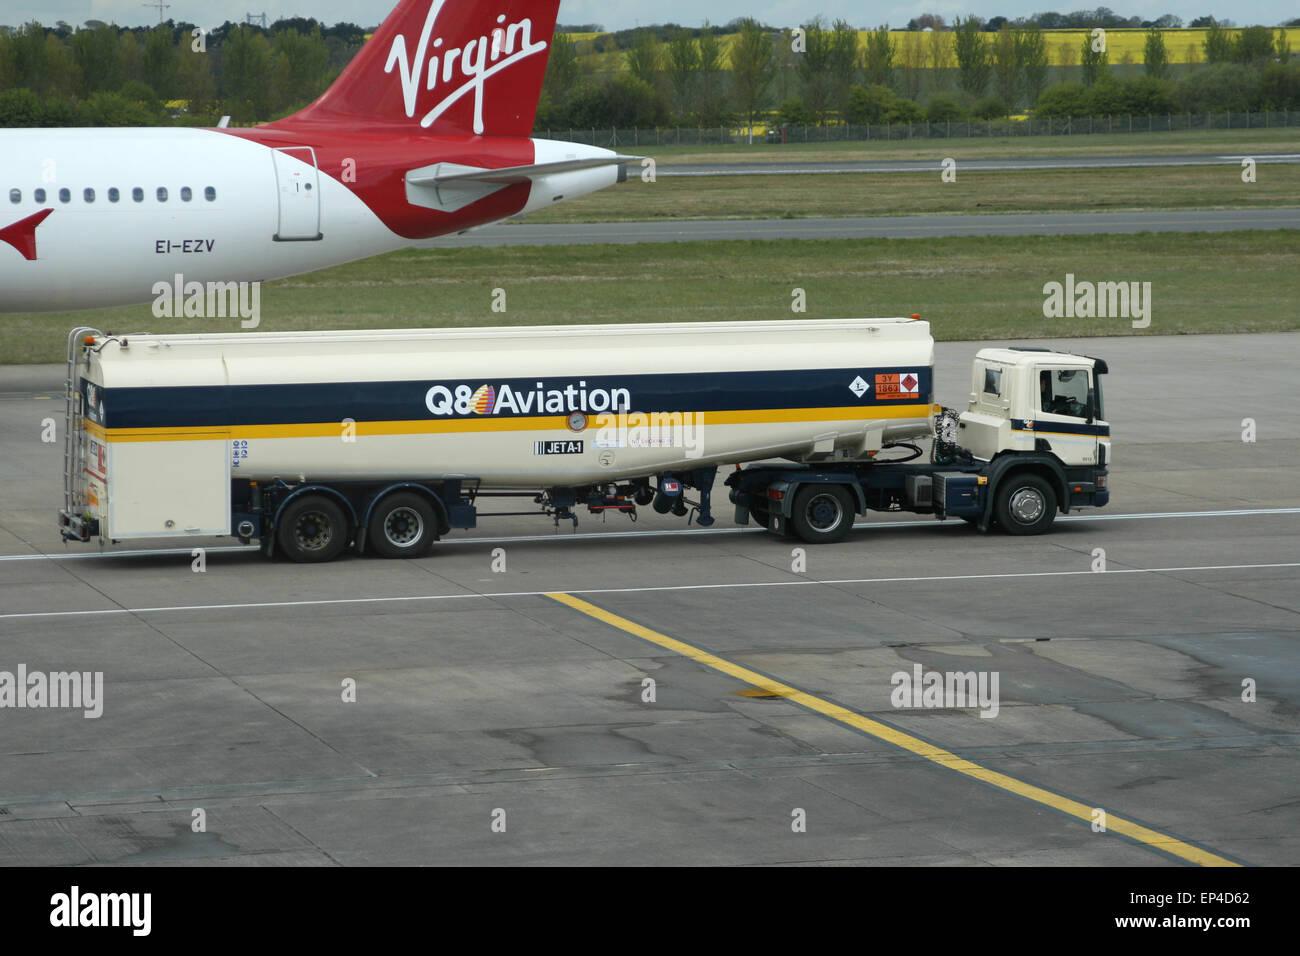 Q8 CAMION-CITERNE DE CARBURANT AVIATION AÉROPORT ÉDIMBOURG Photo Stock